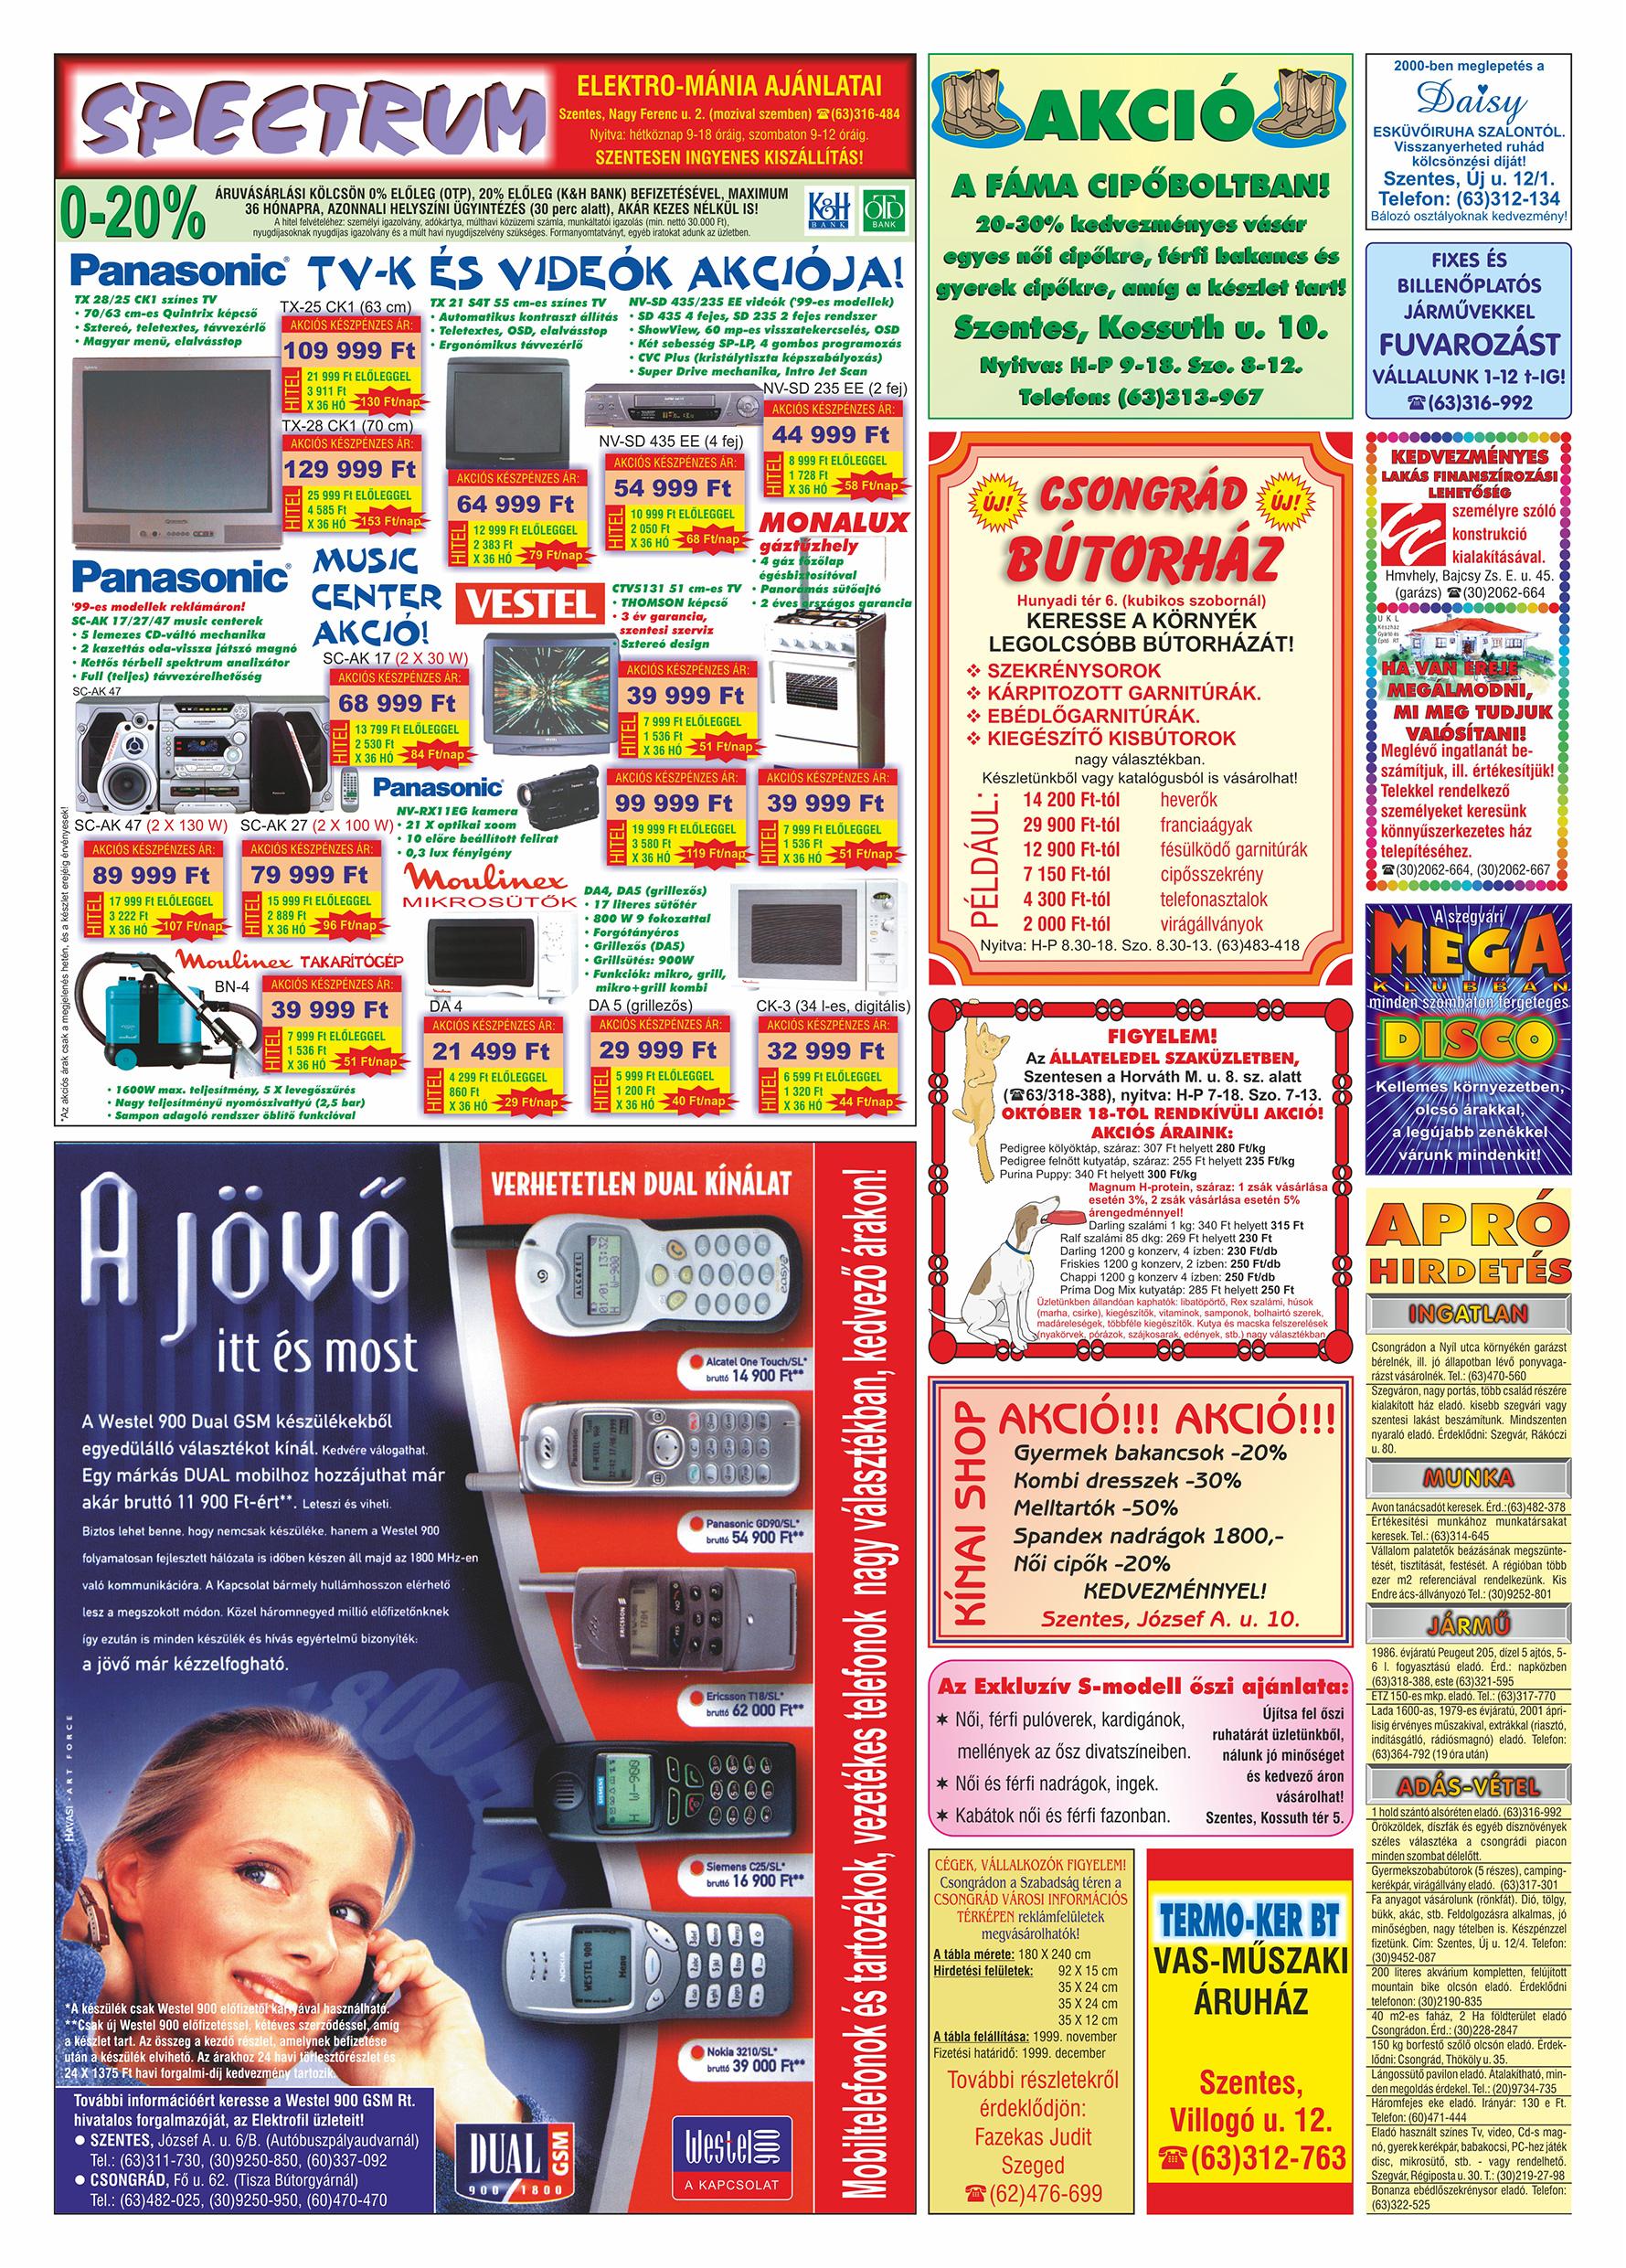 062 Tuti Tipp Extra reklámújság - 19991023-018. lapszám - 2.oldal - V. évfolyam.jpg